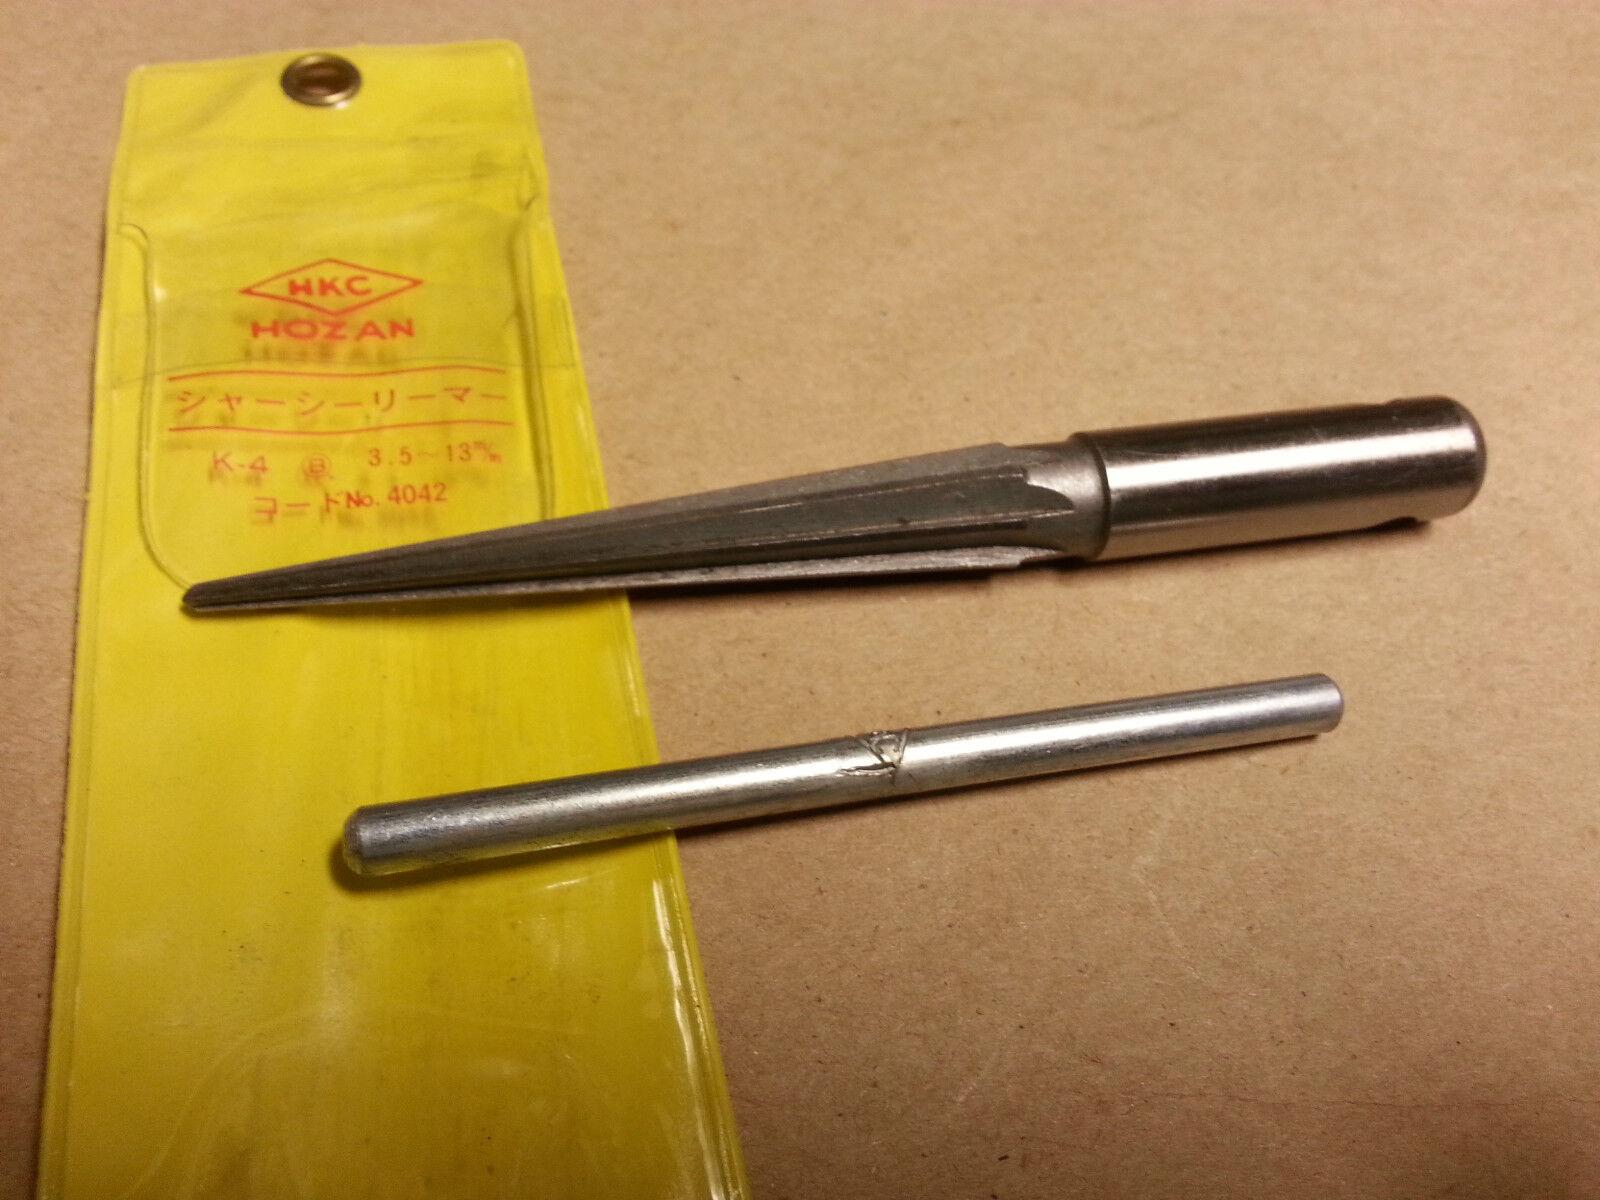 109S Hozan TapeROT reamer, 3.5-13mm, K-4 New